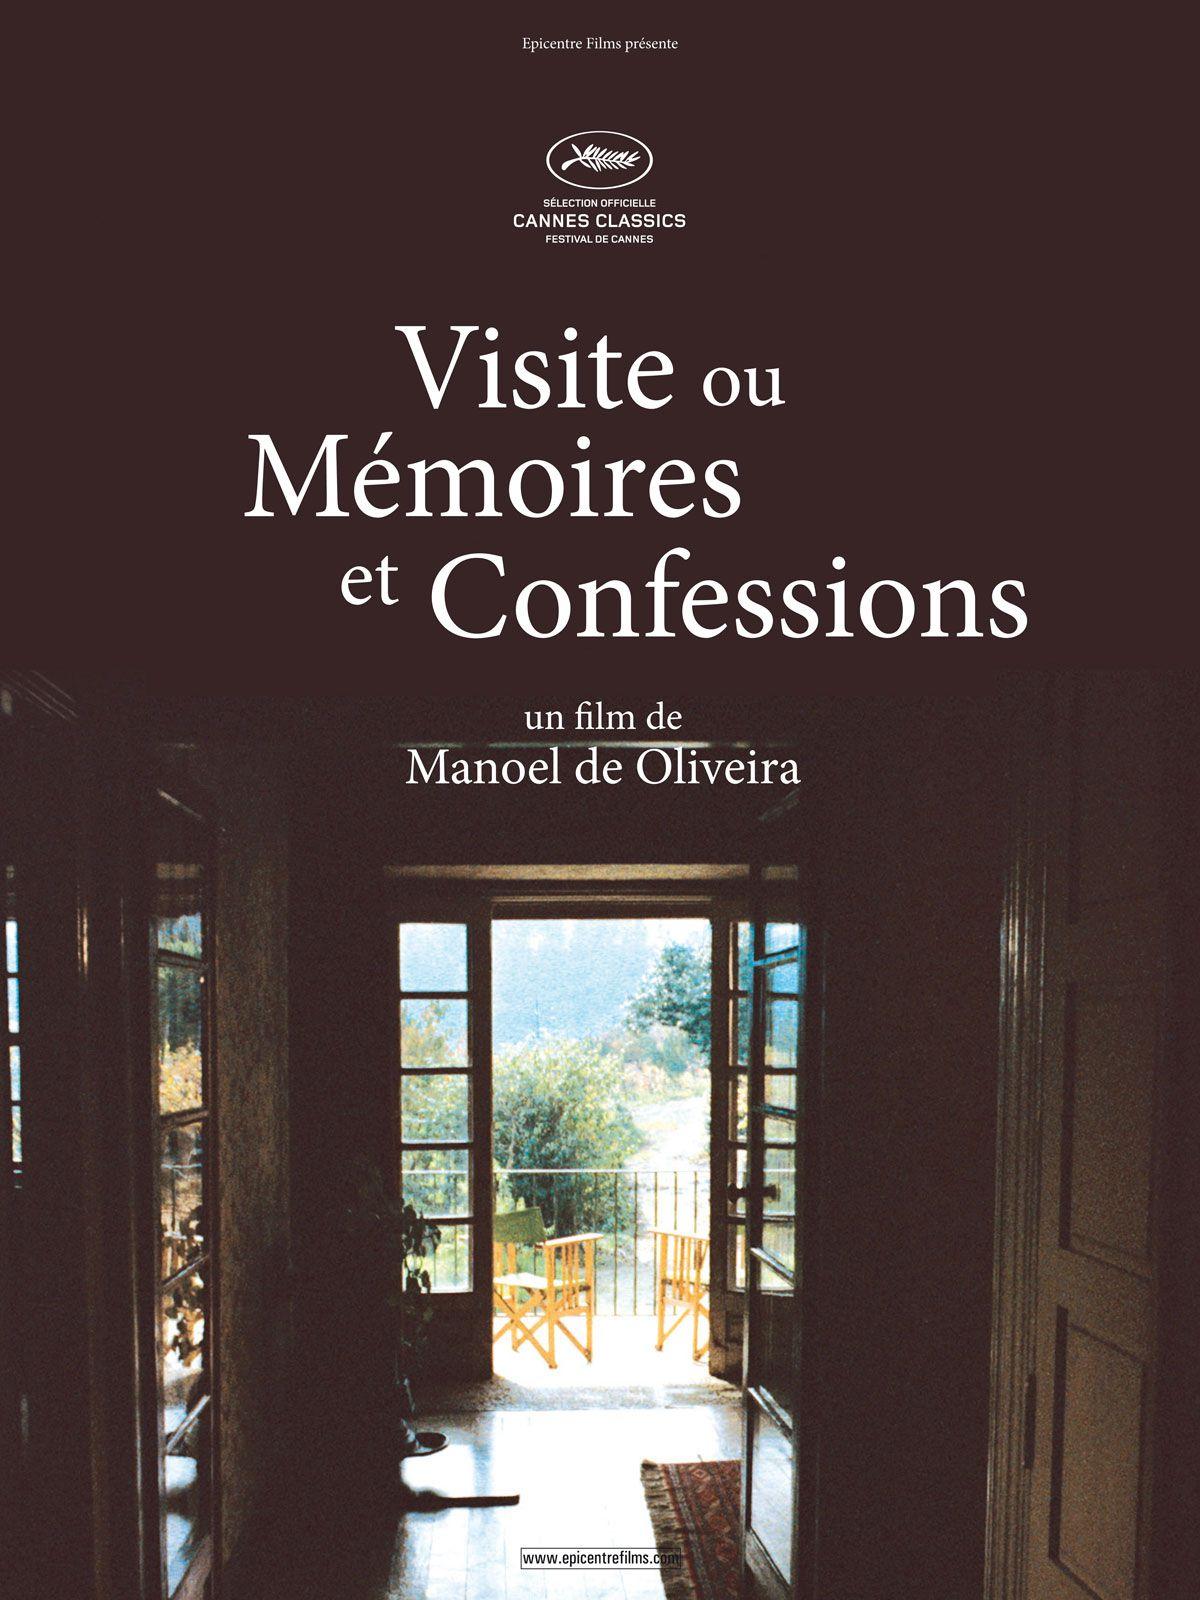 Visite ou Mémoires et Confessions - Documentaire (1982)